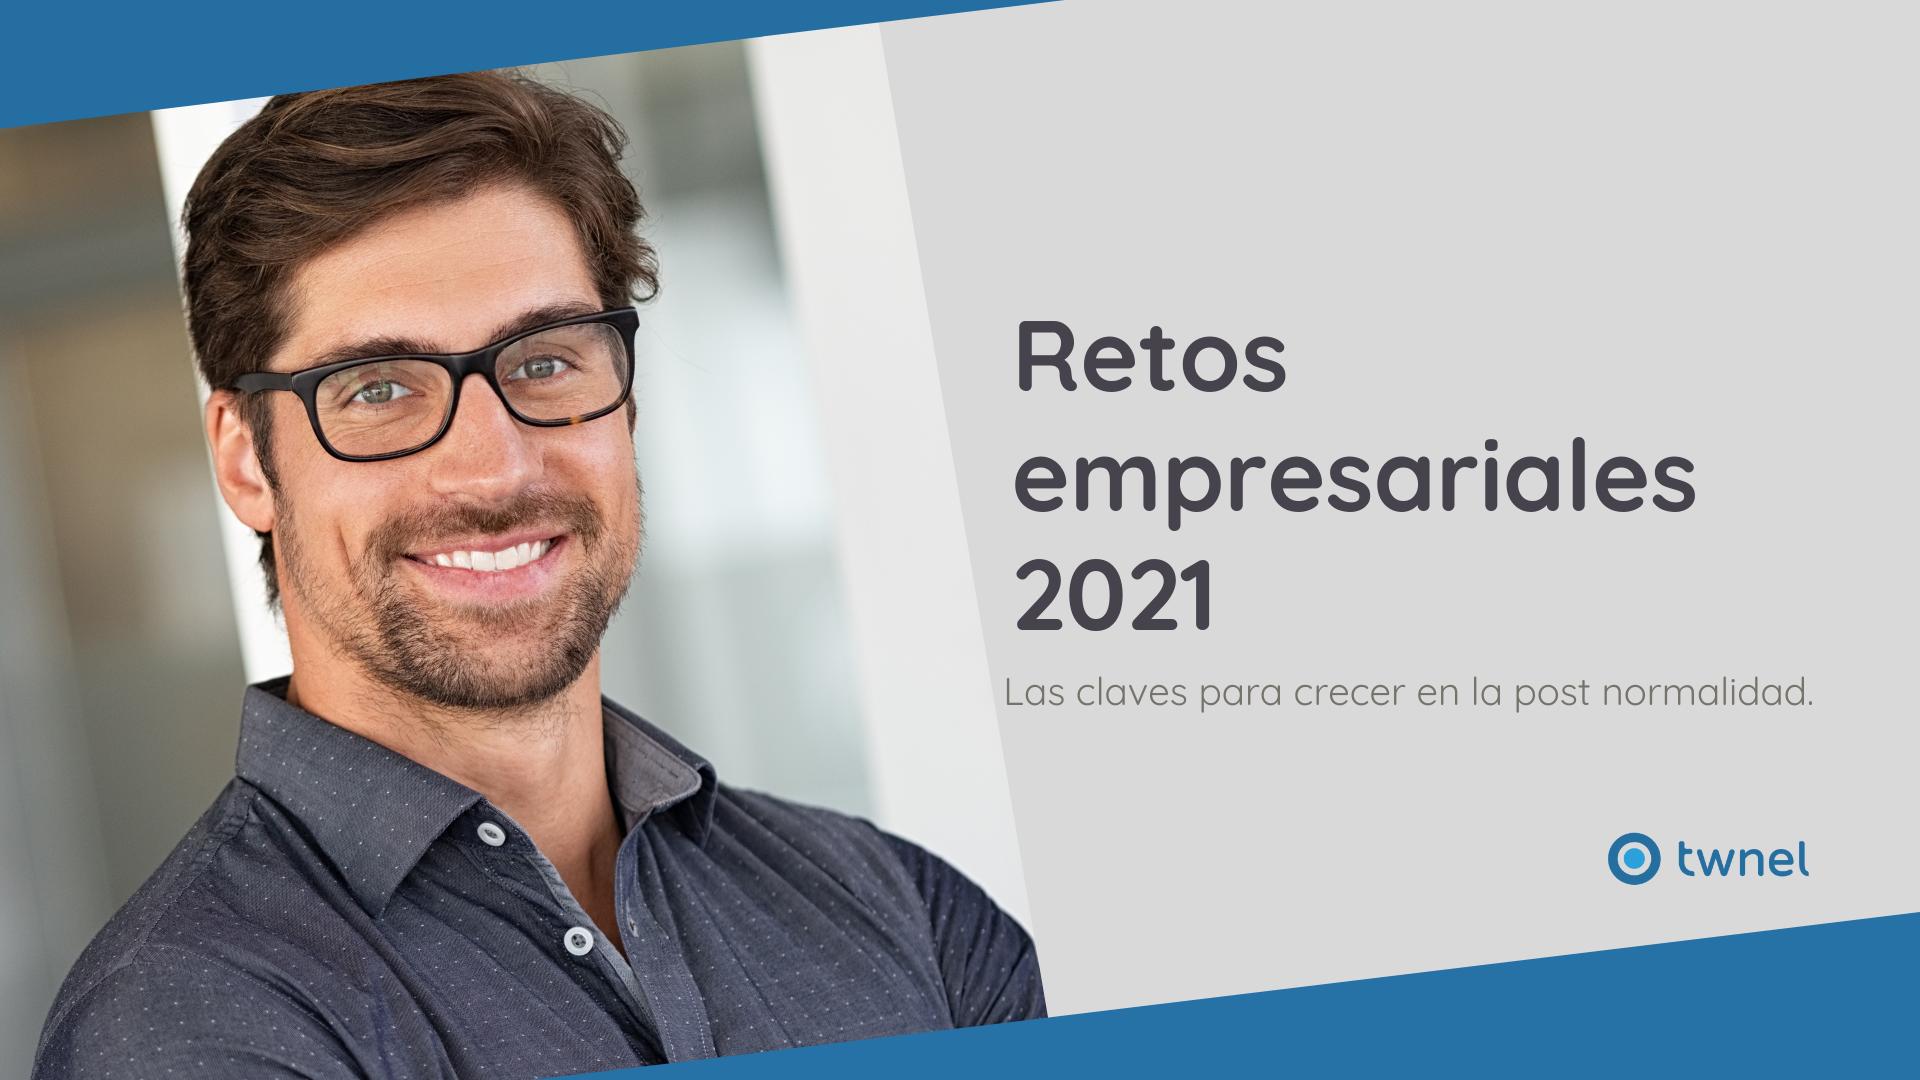 Retos empresariales 2021